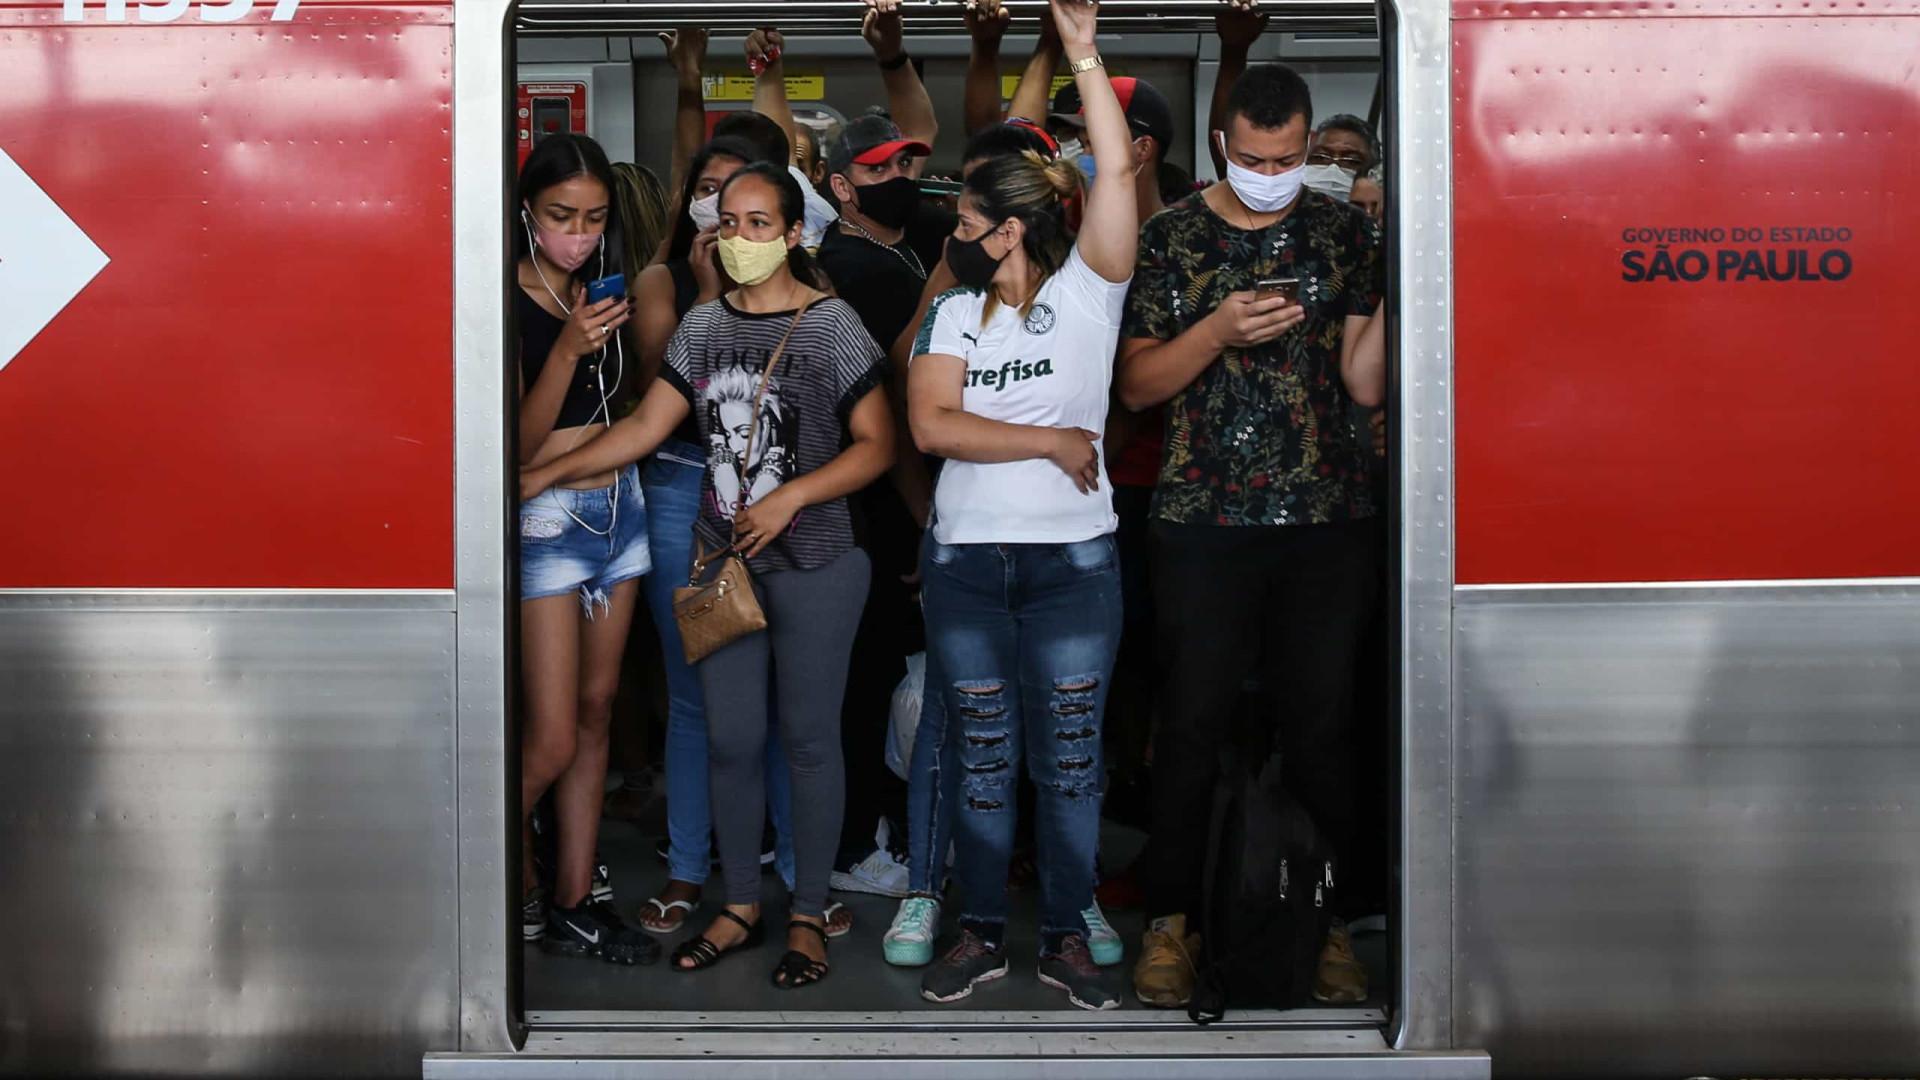 Brasil chega a 186,7 mil mortes por Covid-19